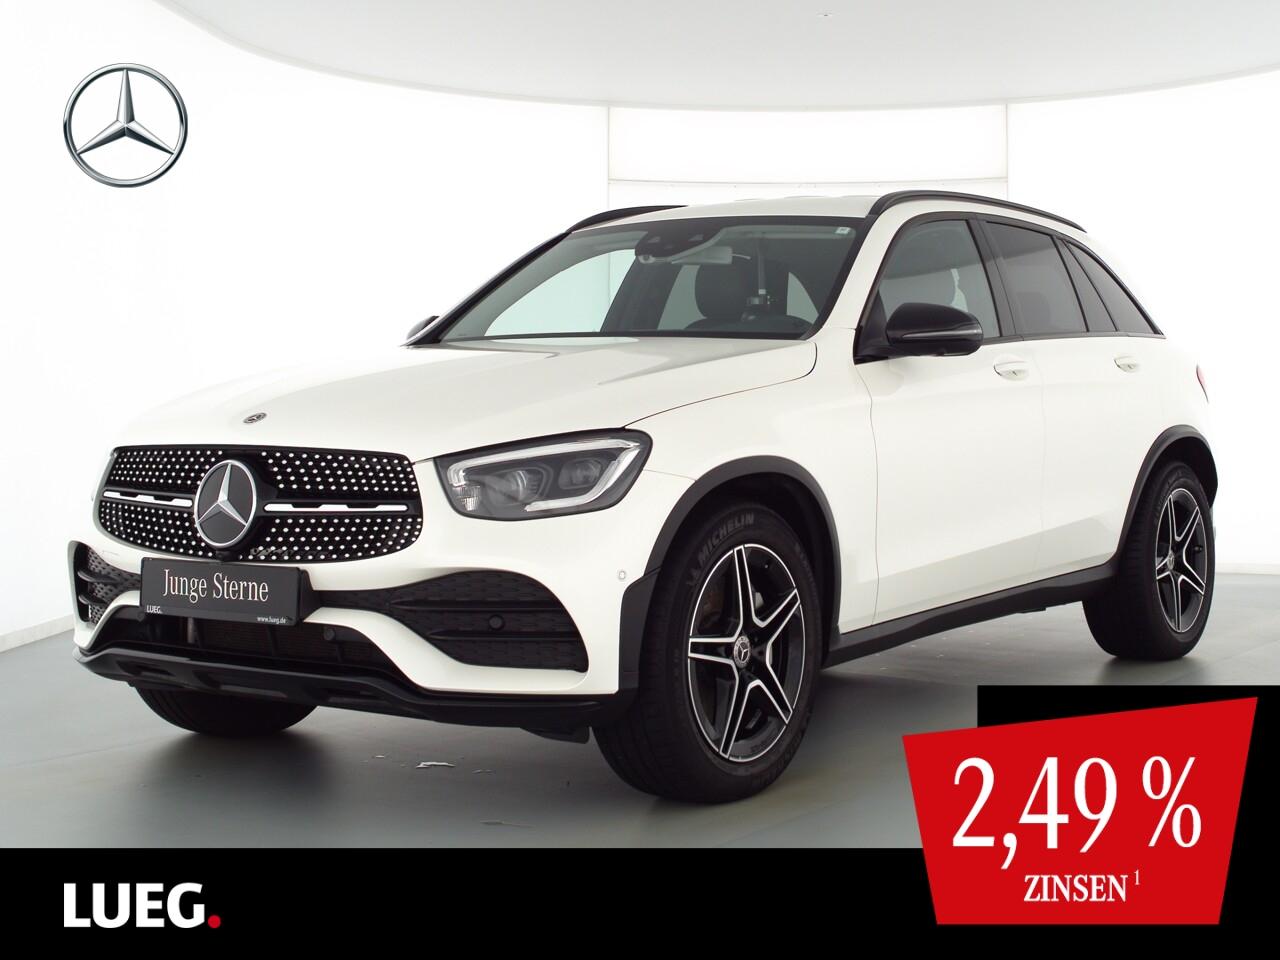 Mercedes-Benz GLC 220 d 4M AMG+MBUX+Mbeam+AHK+SpurP+Night+360°, Jahr 2020, Diesel